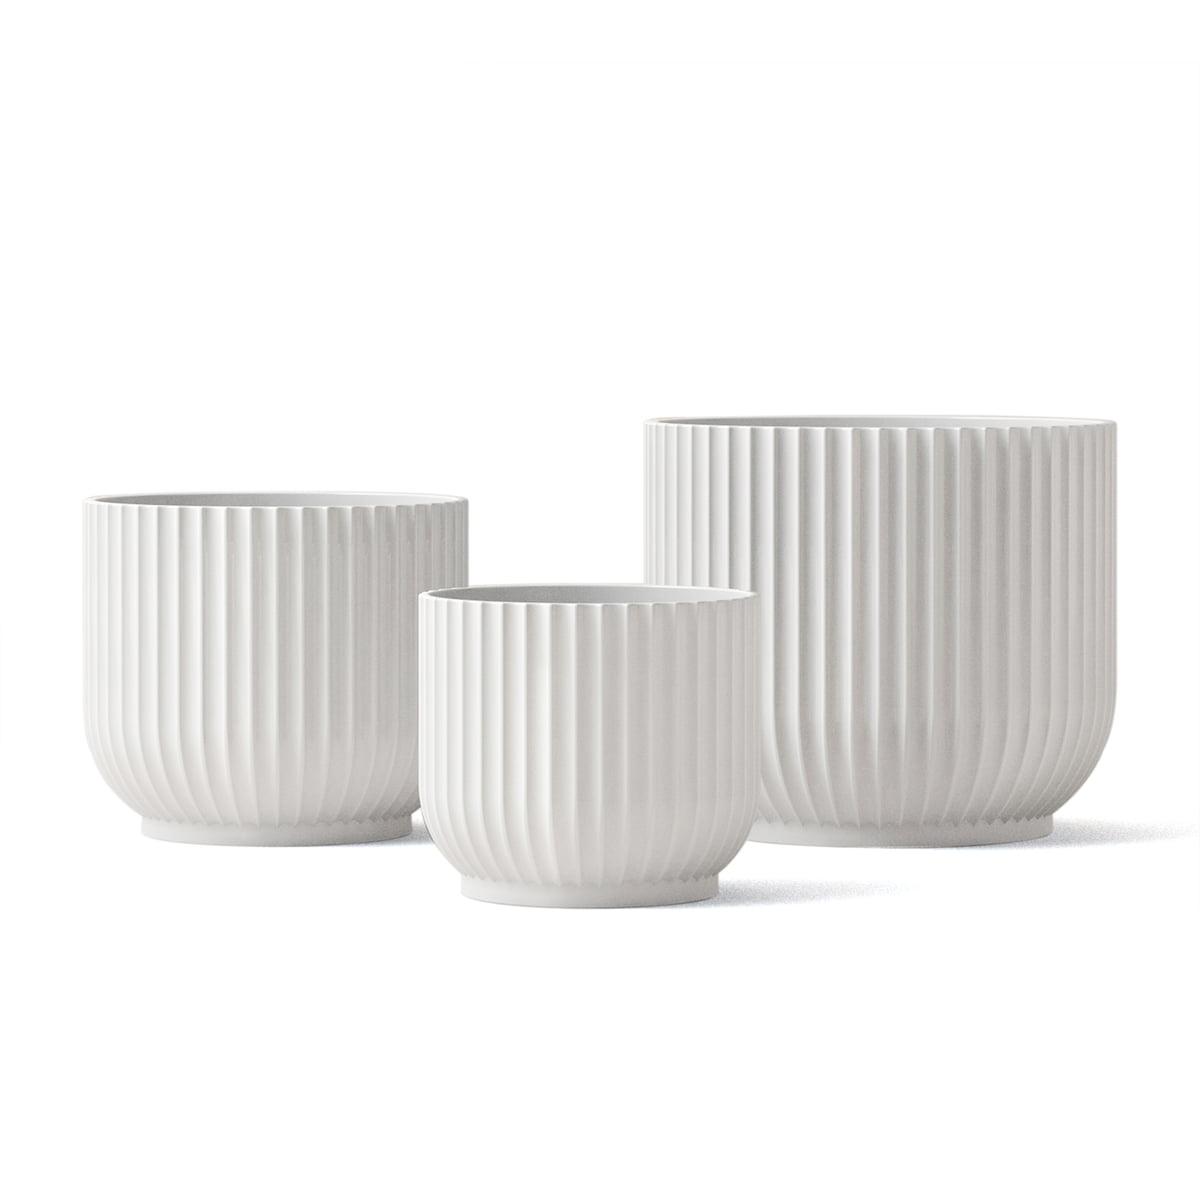 Lyngby Porcelæn Blumentopf Weiß S